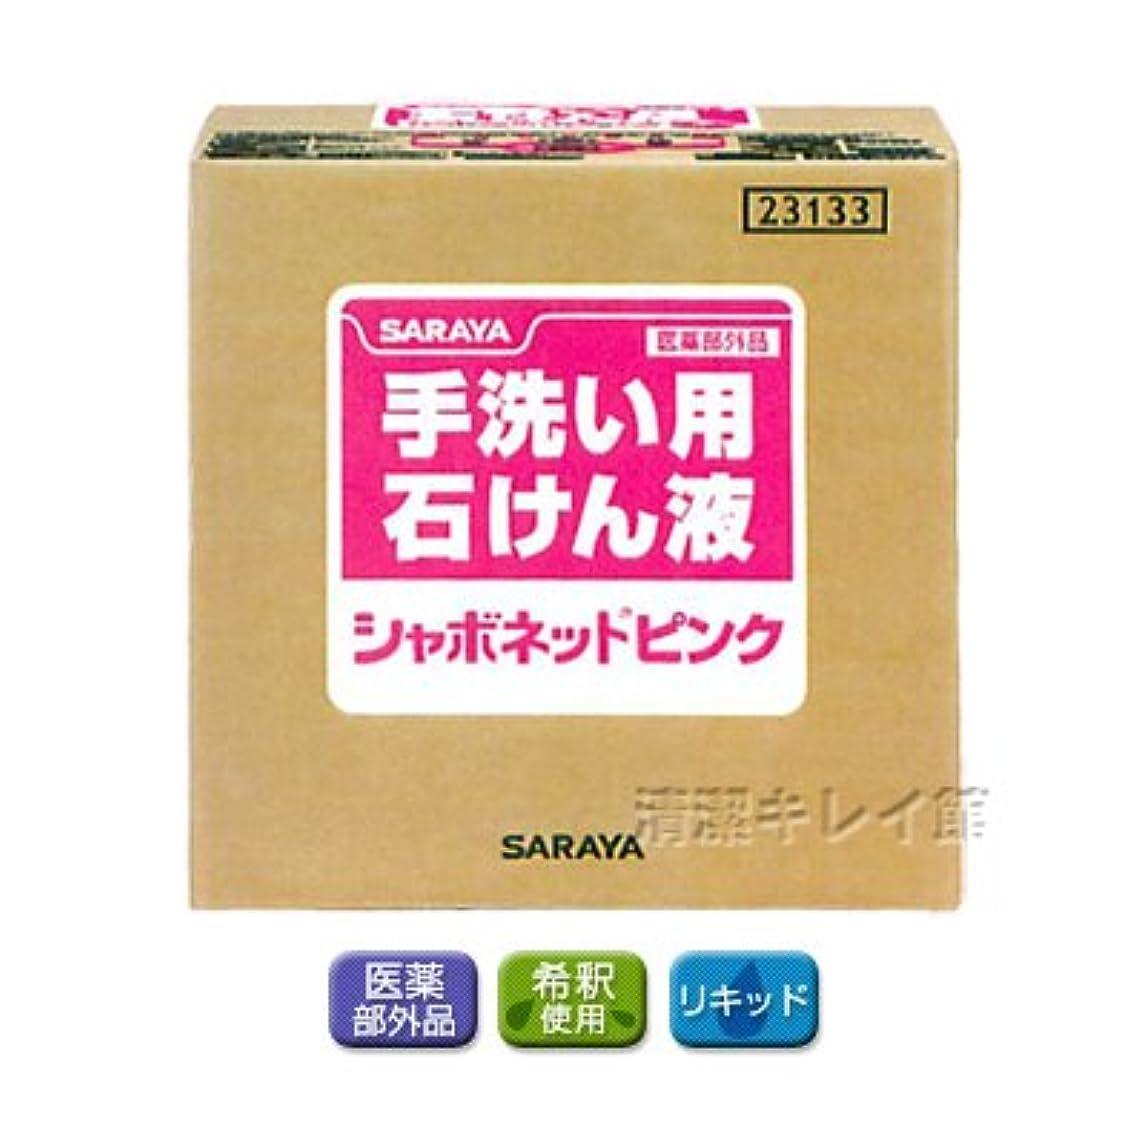 休憩する満足資格【清潔キレイ館】サラヤ シャボネットピンク(20kg)